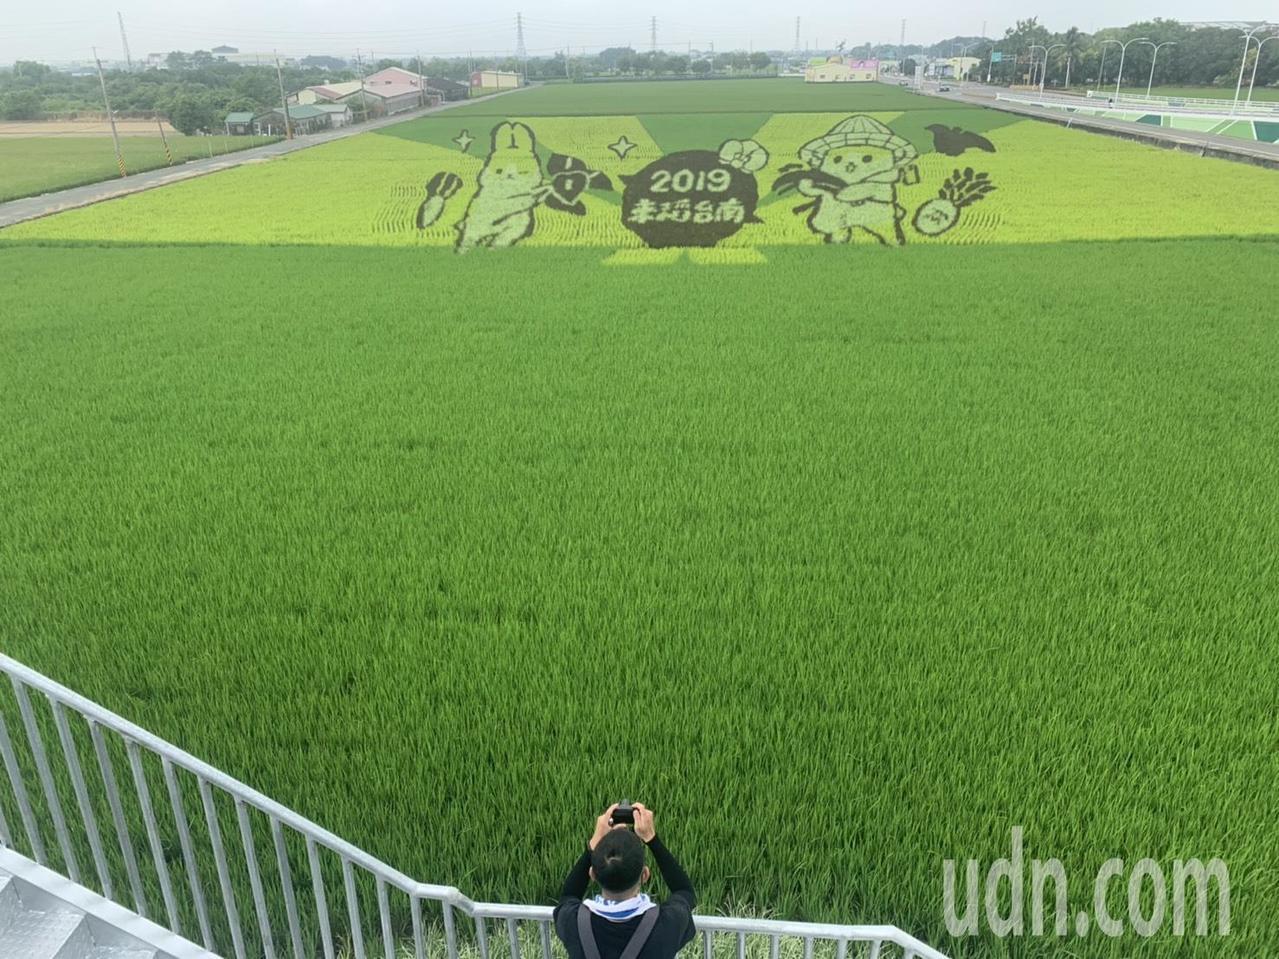 台南六甲稻田彩繪主角「ㄇㄚˊ幾兔」,已有民眾搶先看。記者吳淑玲/攝影